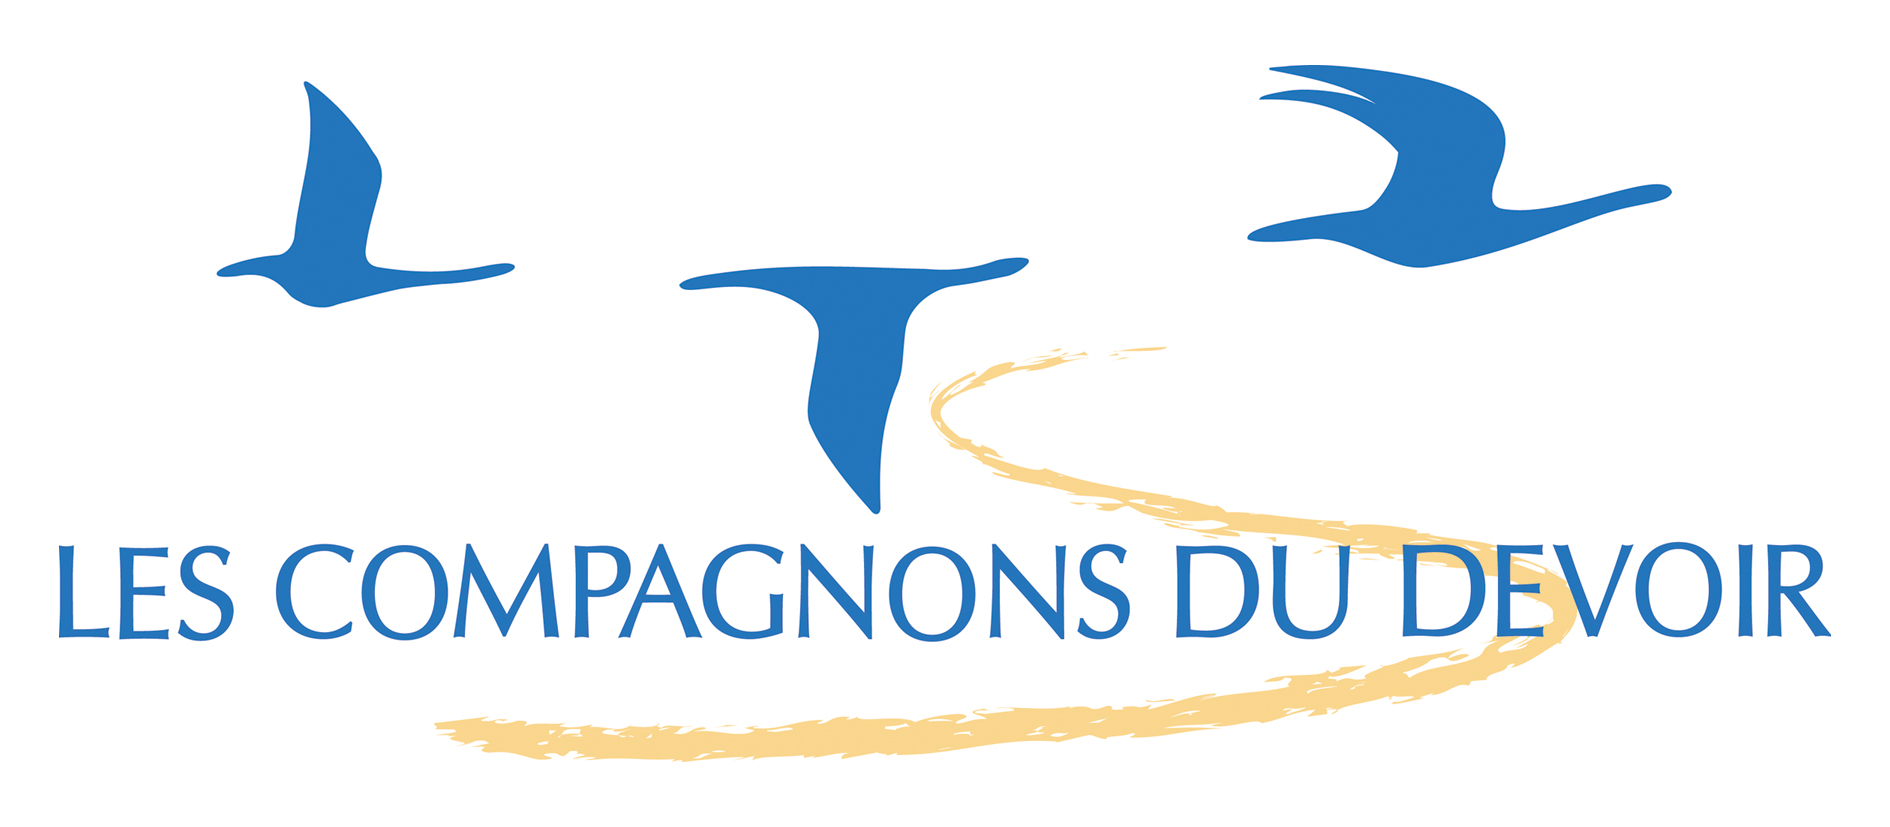 20120117094454!Compagnons-du-devoir-du-tour-de-france.jpg